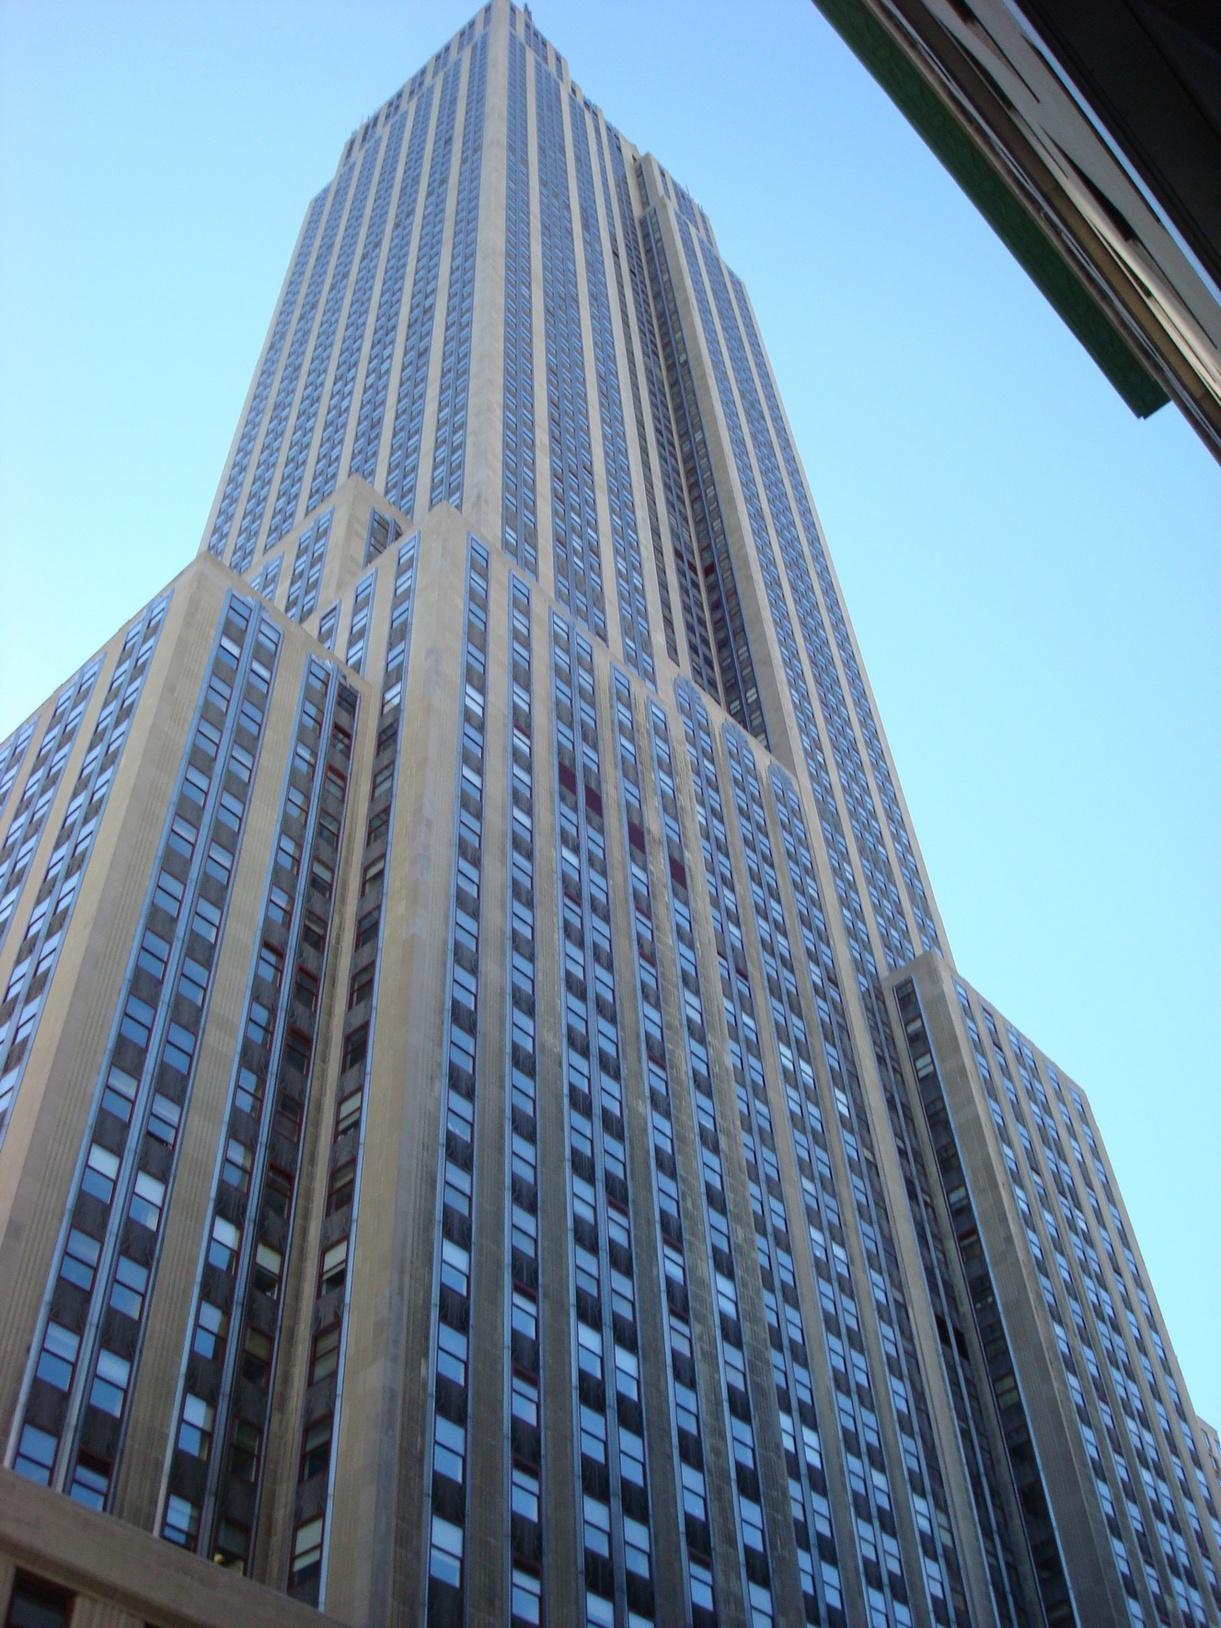 New York City_MiddleManhattan_EmpireStateBuilding_CloseShot_Grandeur